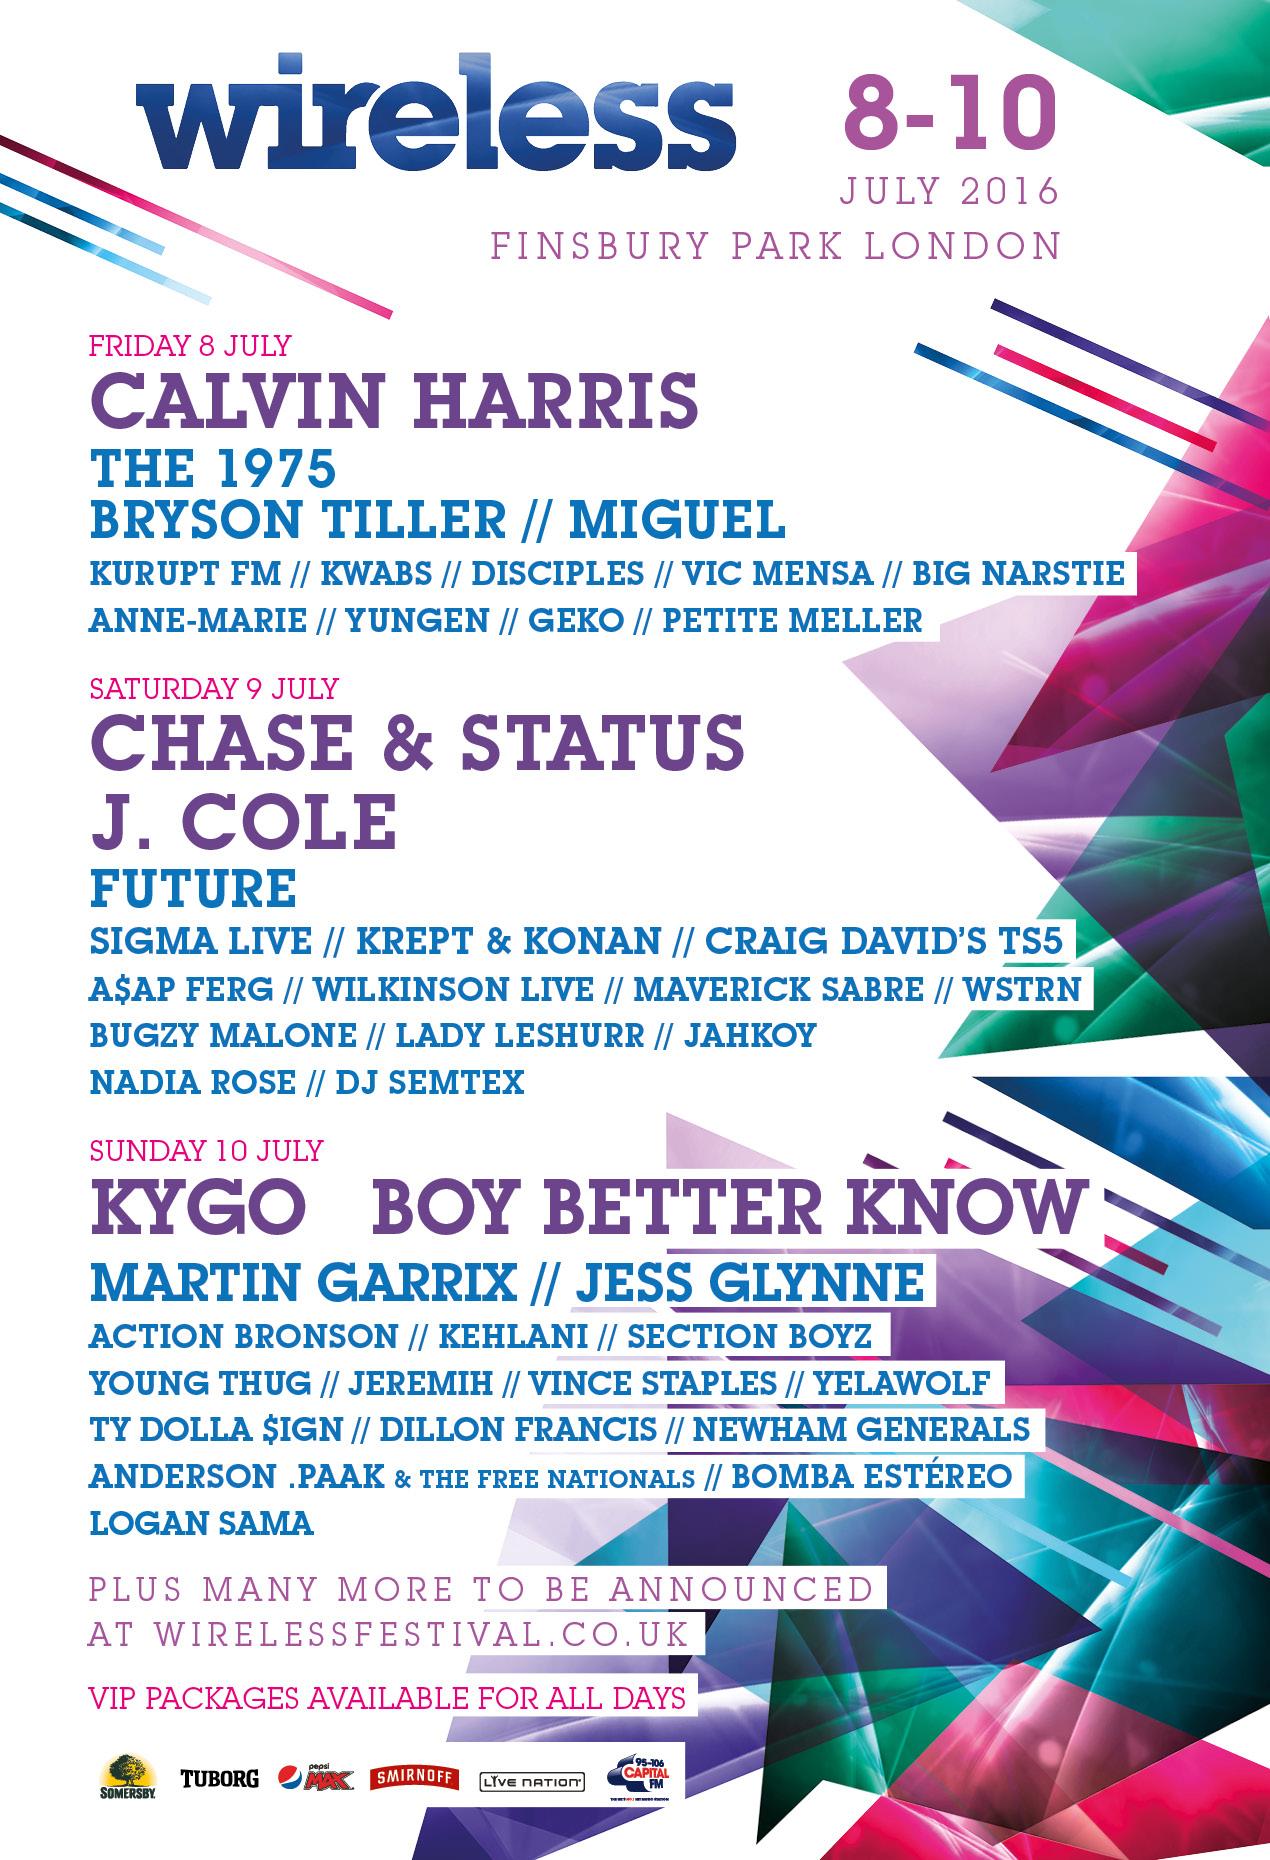 Wireless Festival 2016 Line Up 7 Ae02e